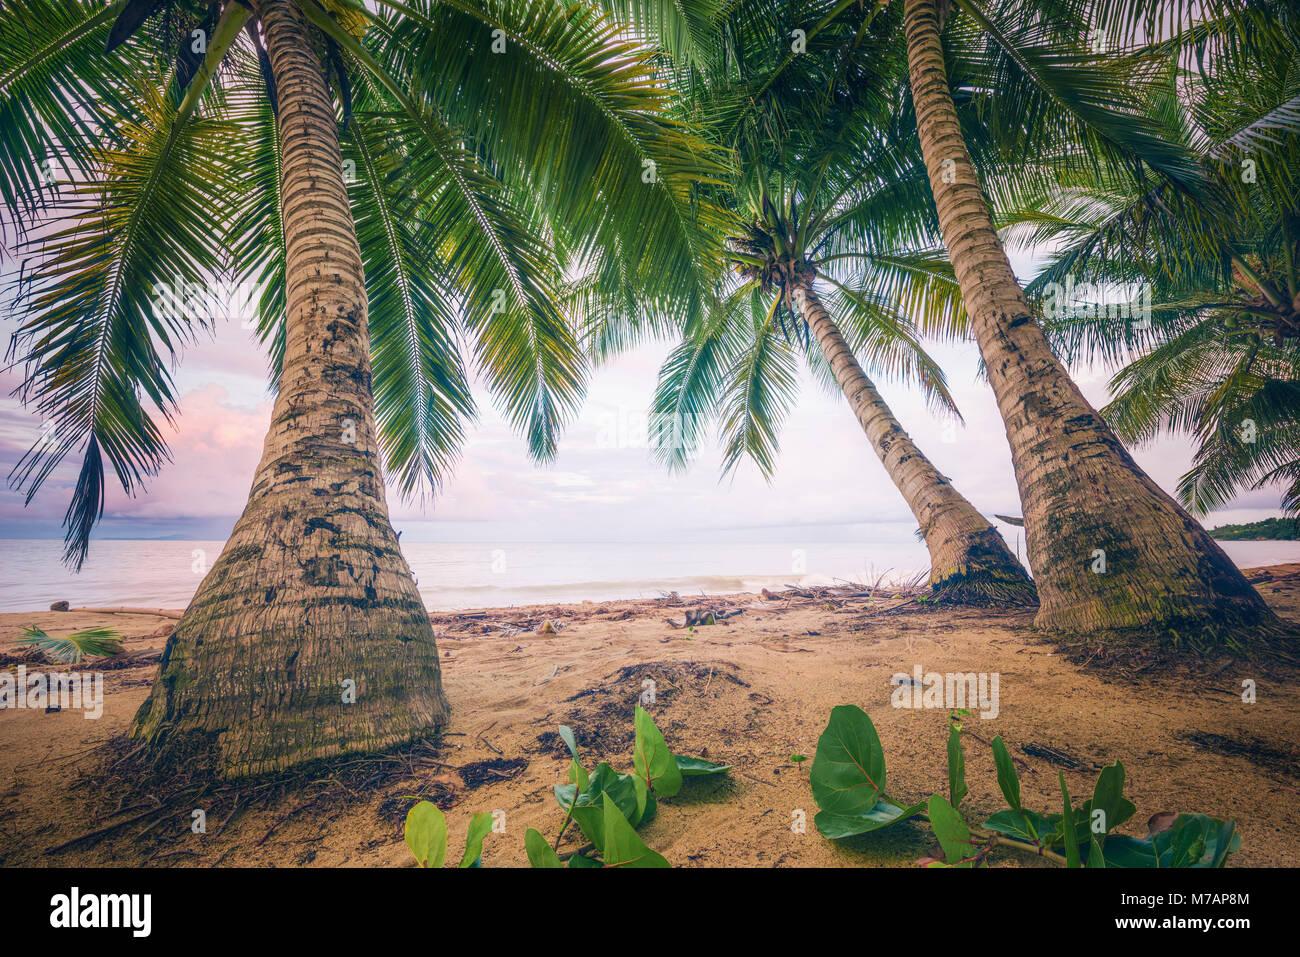 Scène de plage dans un style rétro sur l'île des Caraïbes Puerto Rico Banque D'Images